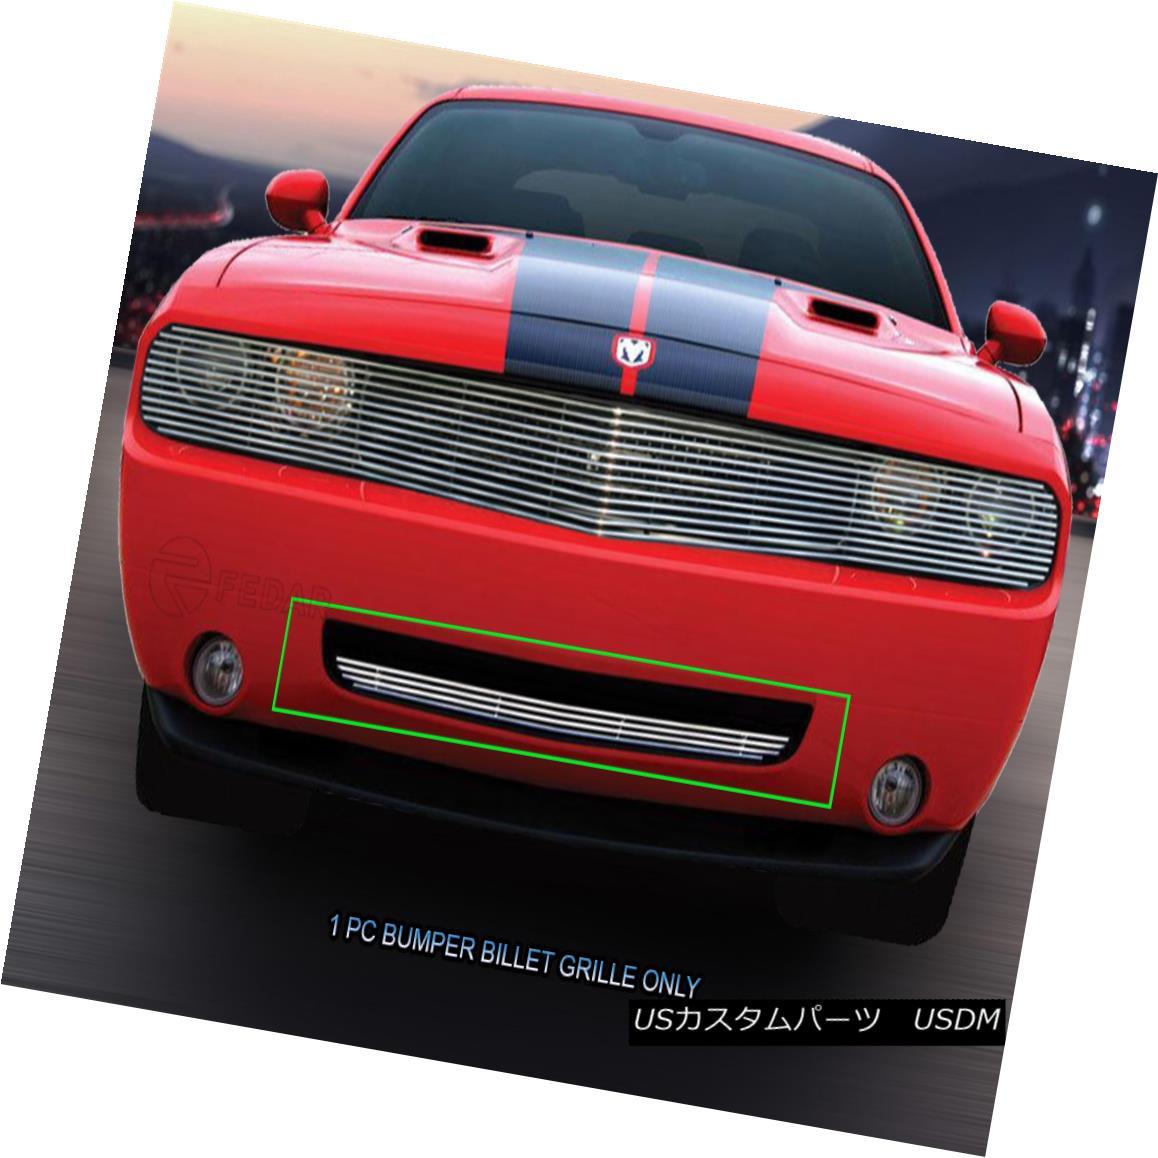 グリル Fits 2009 2010 Dodge Challenger Billet Grille Bumper Grill Insert Fedar フィット2009年2010ドッジチャレンジャービレットグリルバンパーグリルインサートFedar